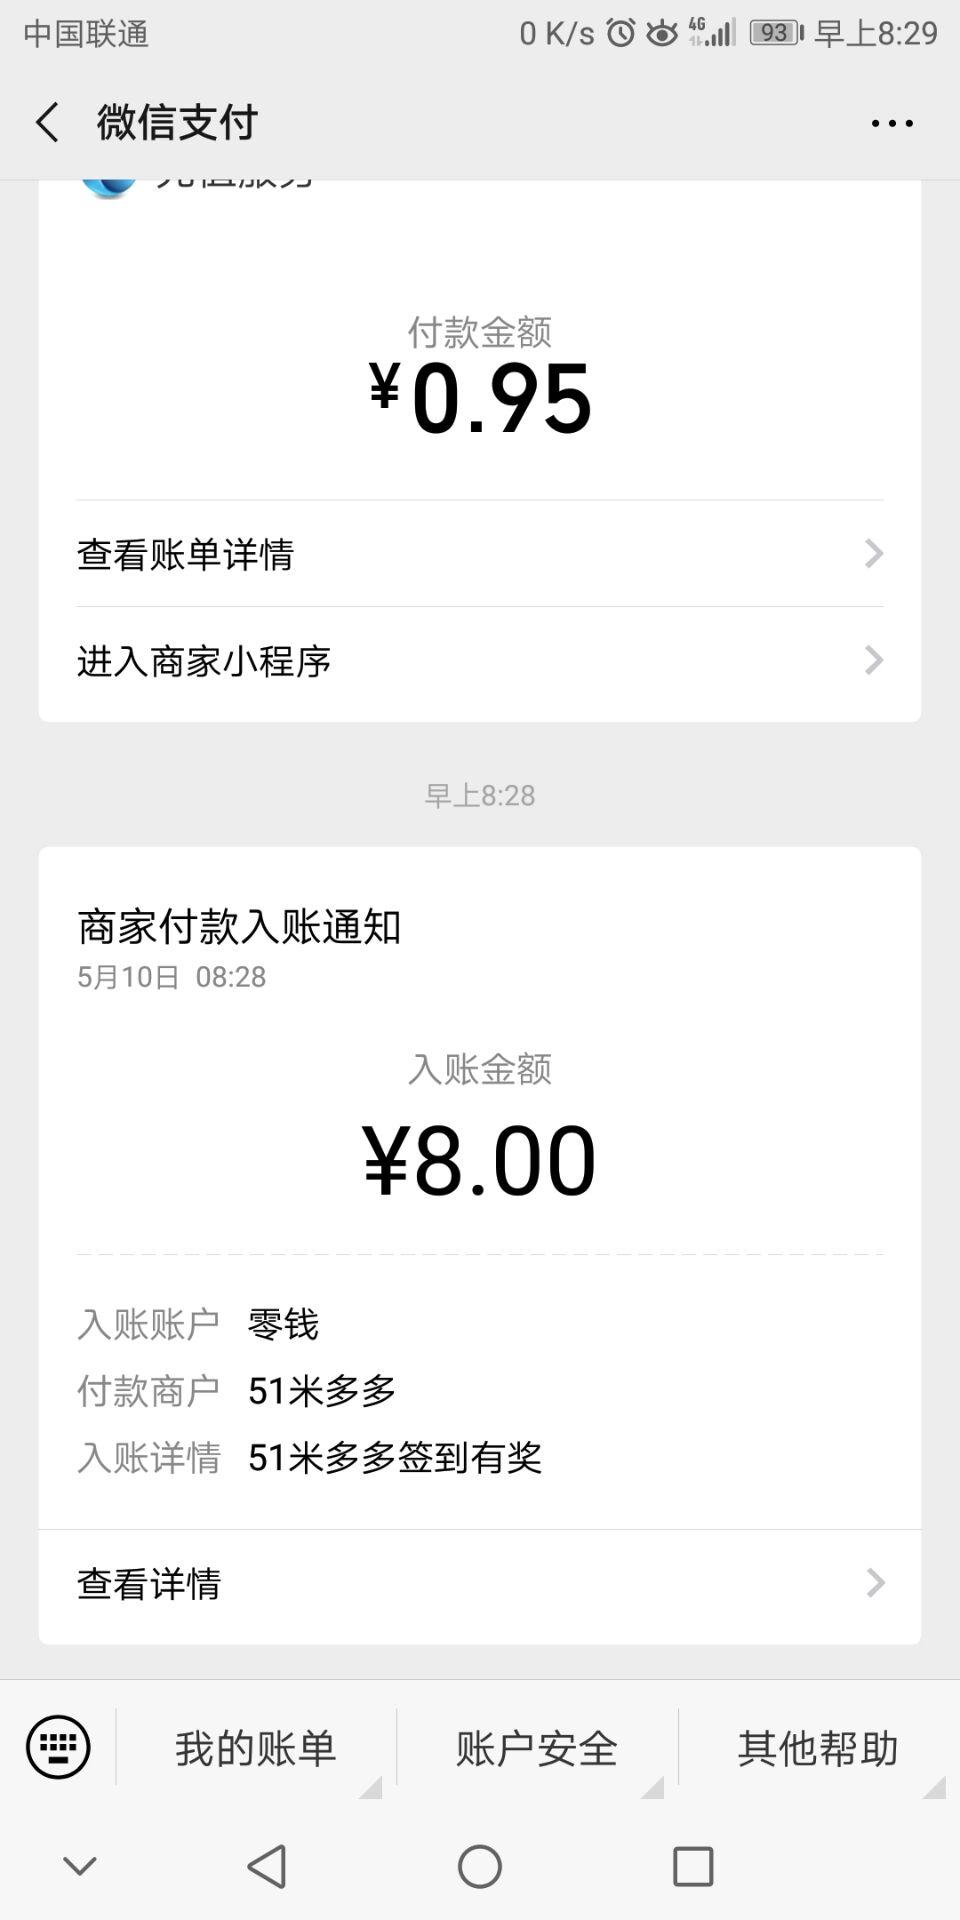 【现金红包】新项目:51米多多,新一期,继续嗨主玩签到,别邀请人-100tui.cn